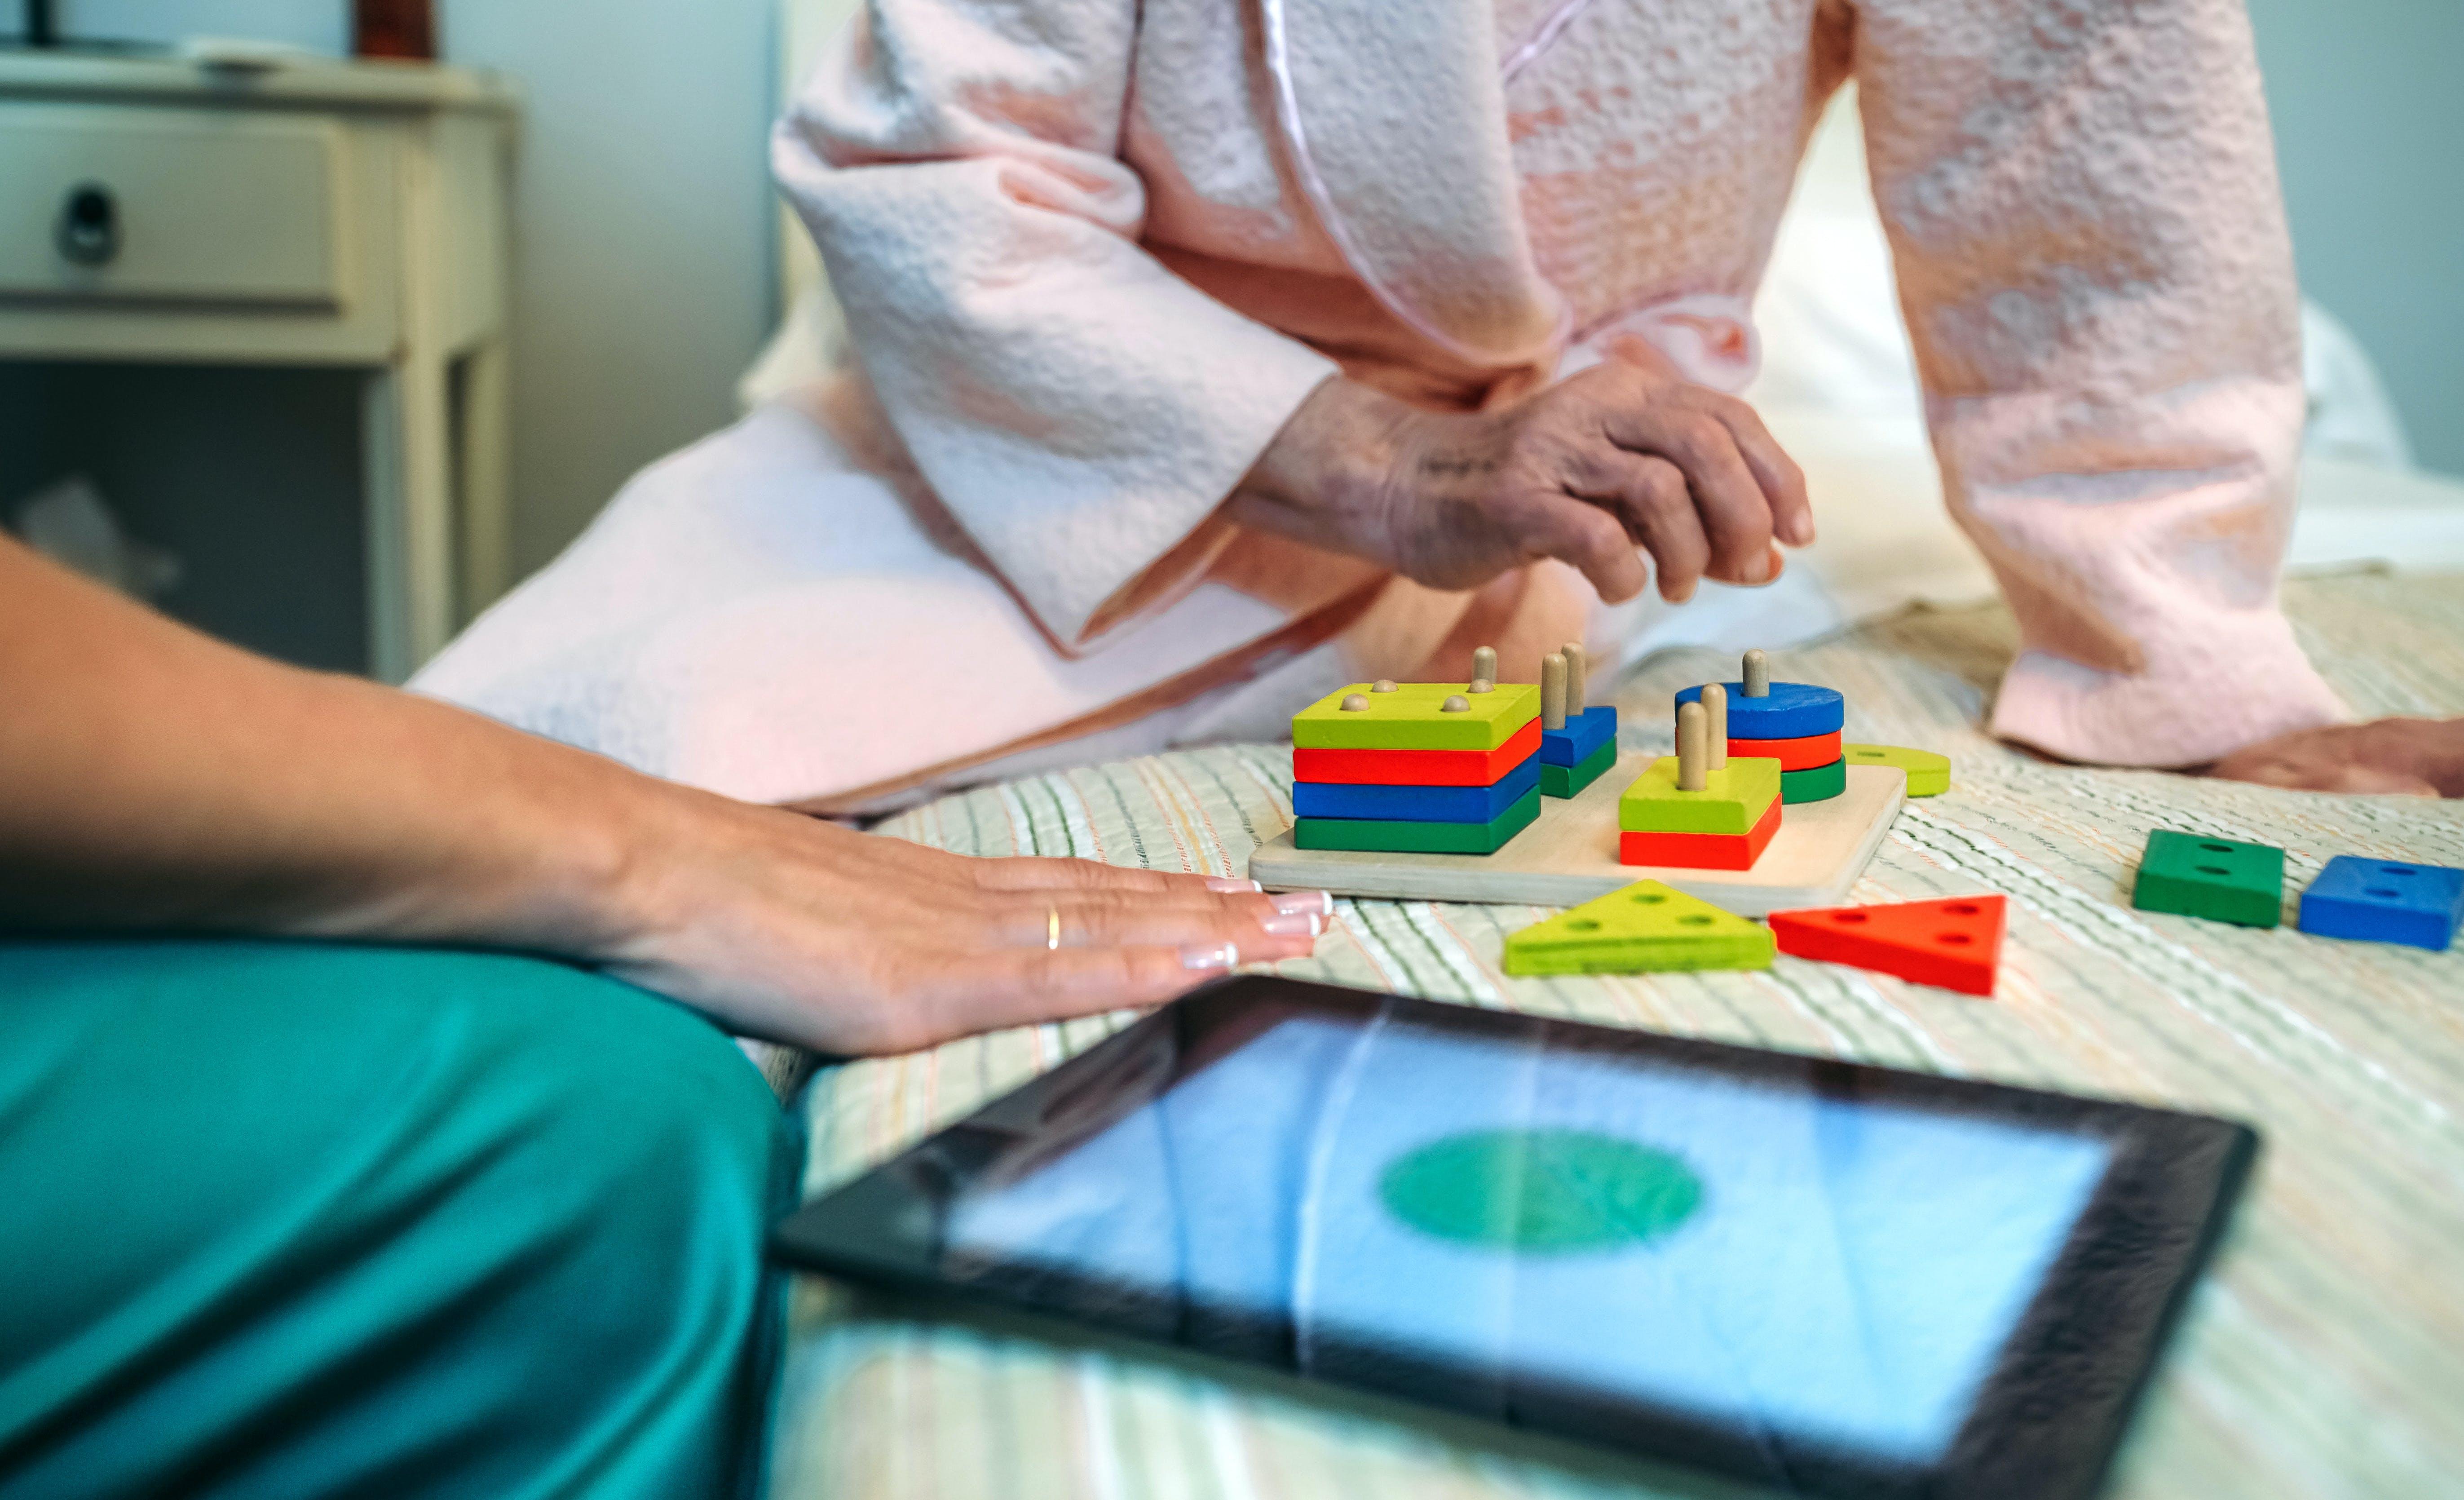 Anziani e perdita di memoria: il ruolo dell'assistenza a domicilio